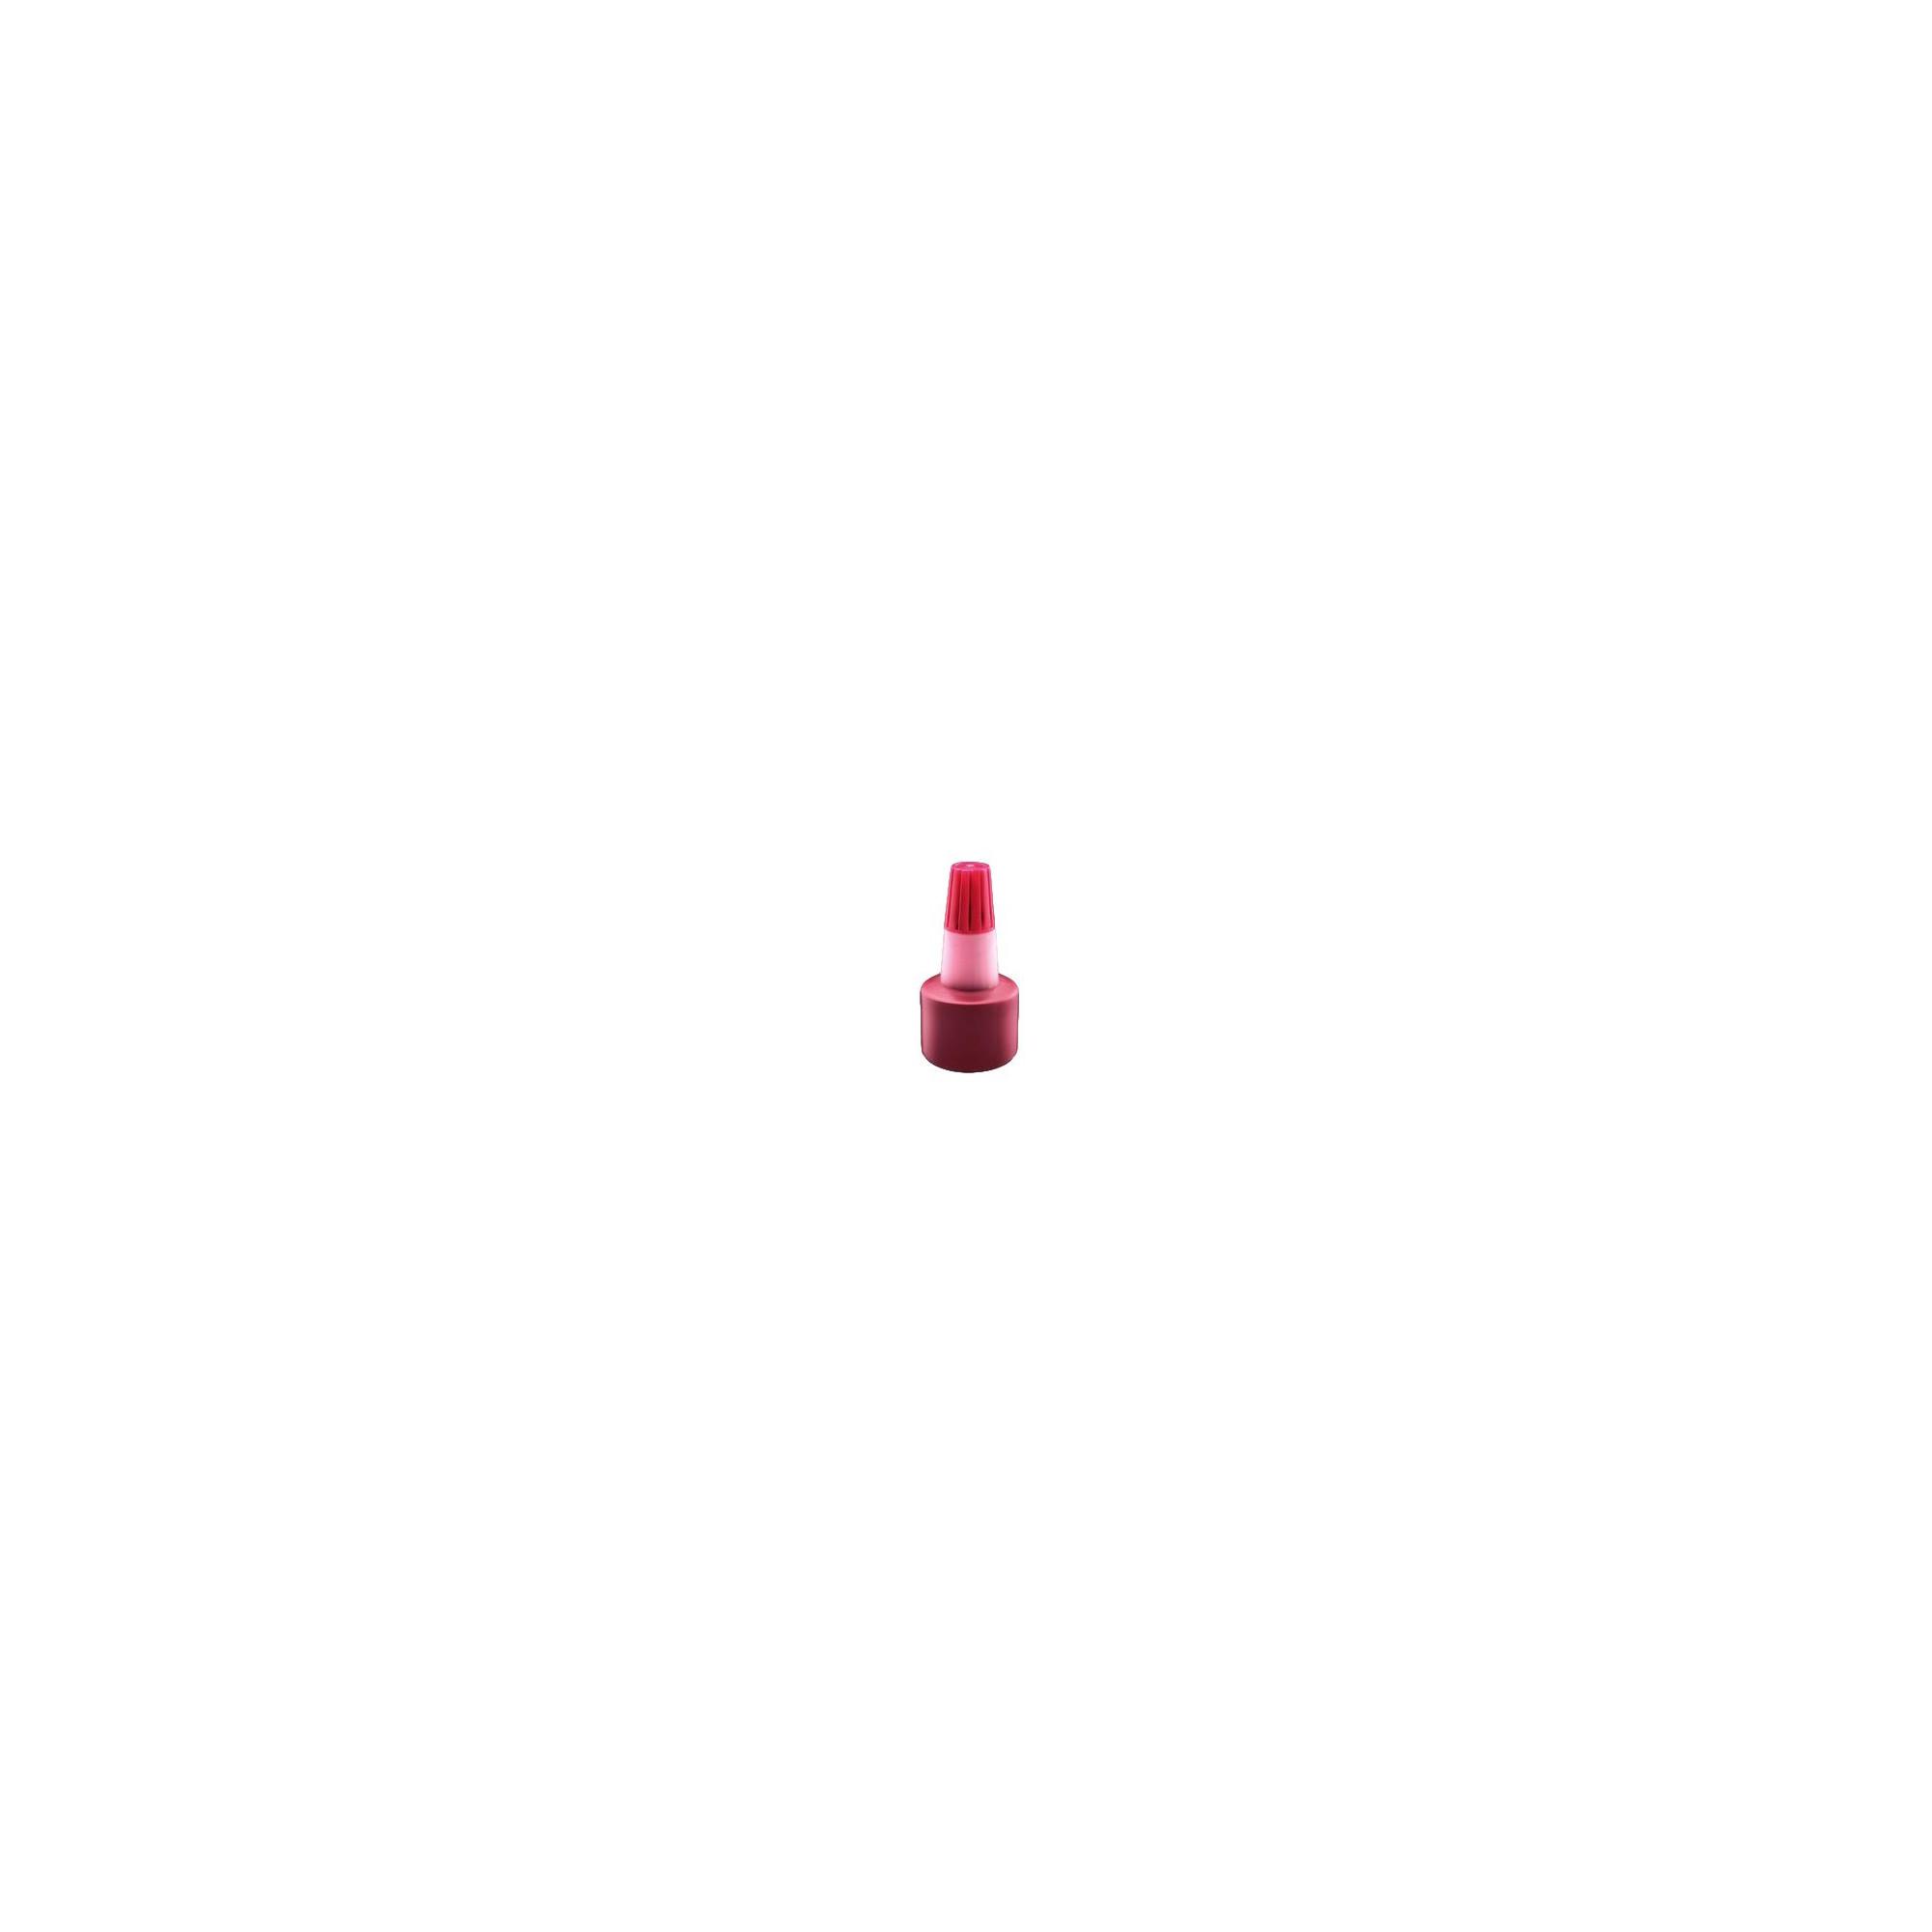 Encre pour podographe - 30 ml - 3 coloris disponibles